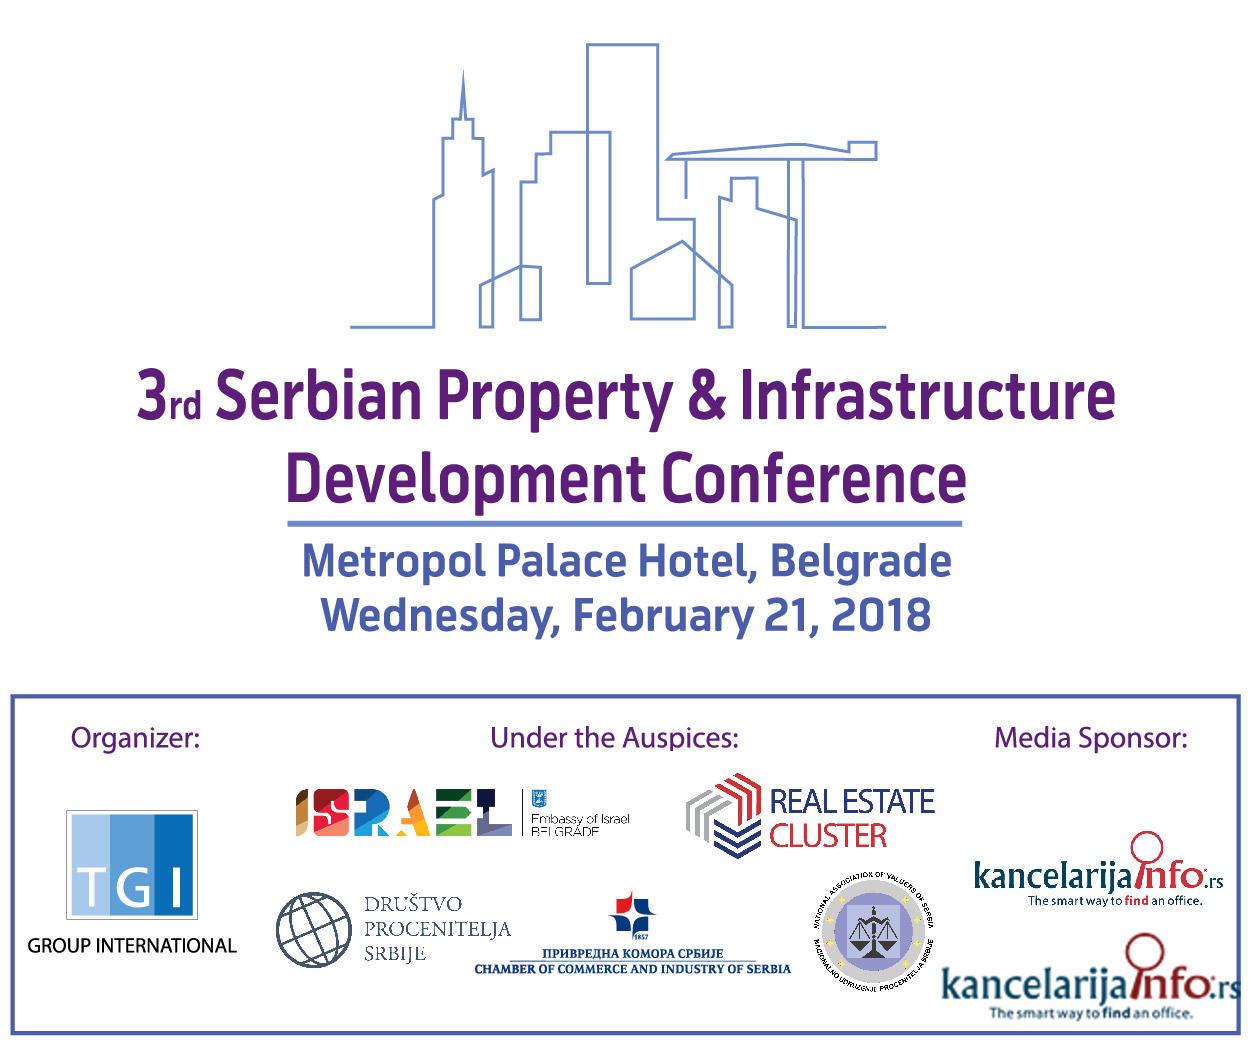 Treća srpska konferencija o razvoju nekretnina i infrastrukture odžava se u Beogradu